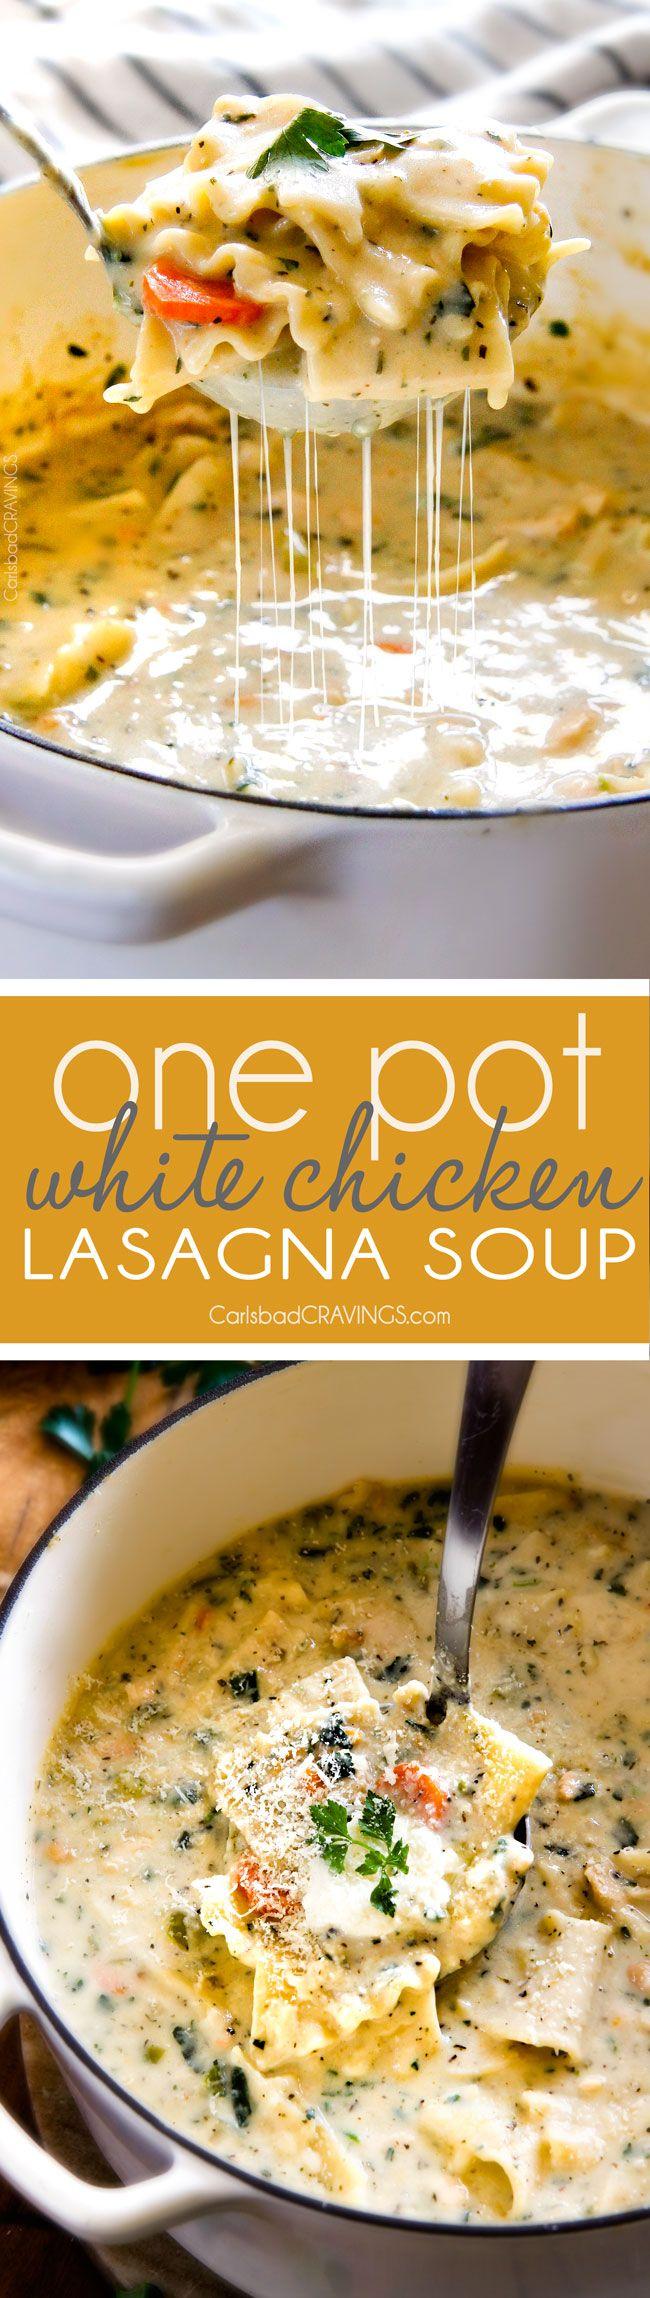 One pot white chicken lasagna soup noodles